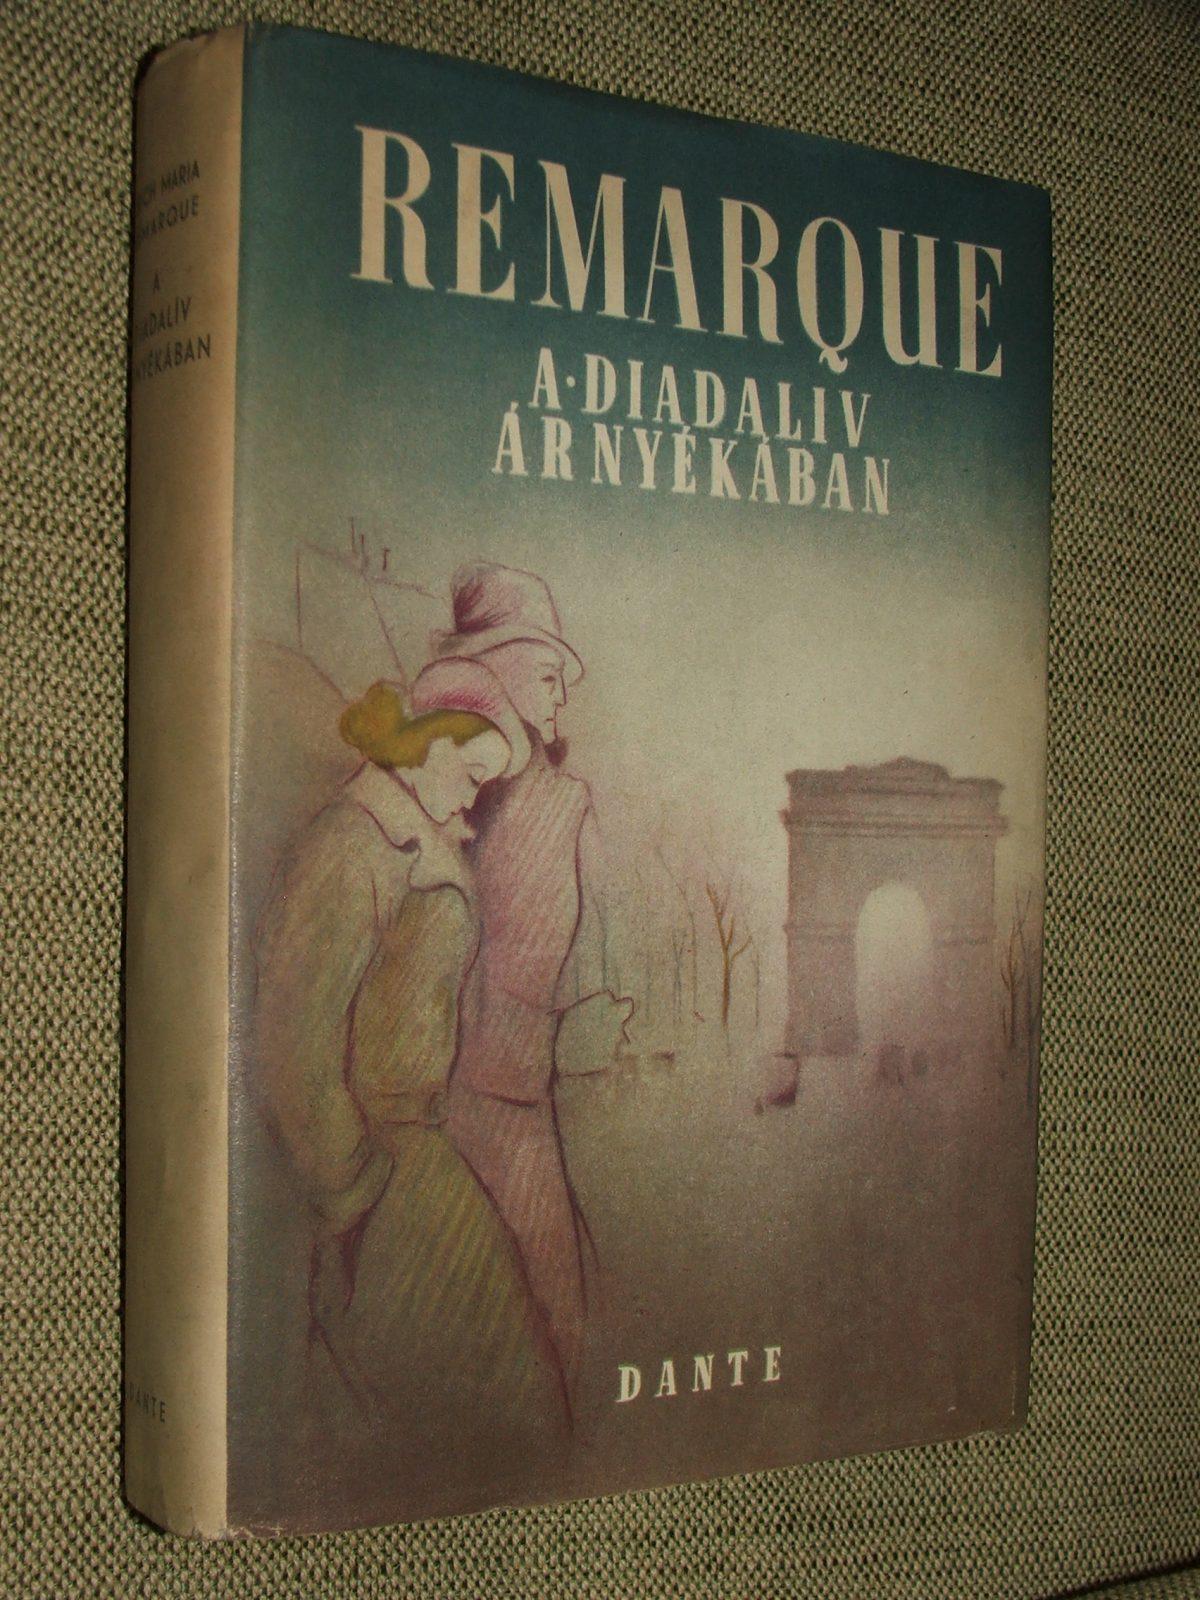 REMARQUE, Erich Maria: A diadalív árnyékában